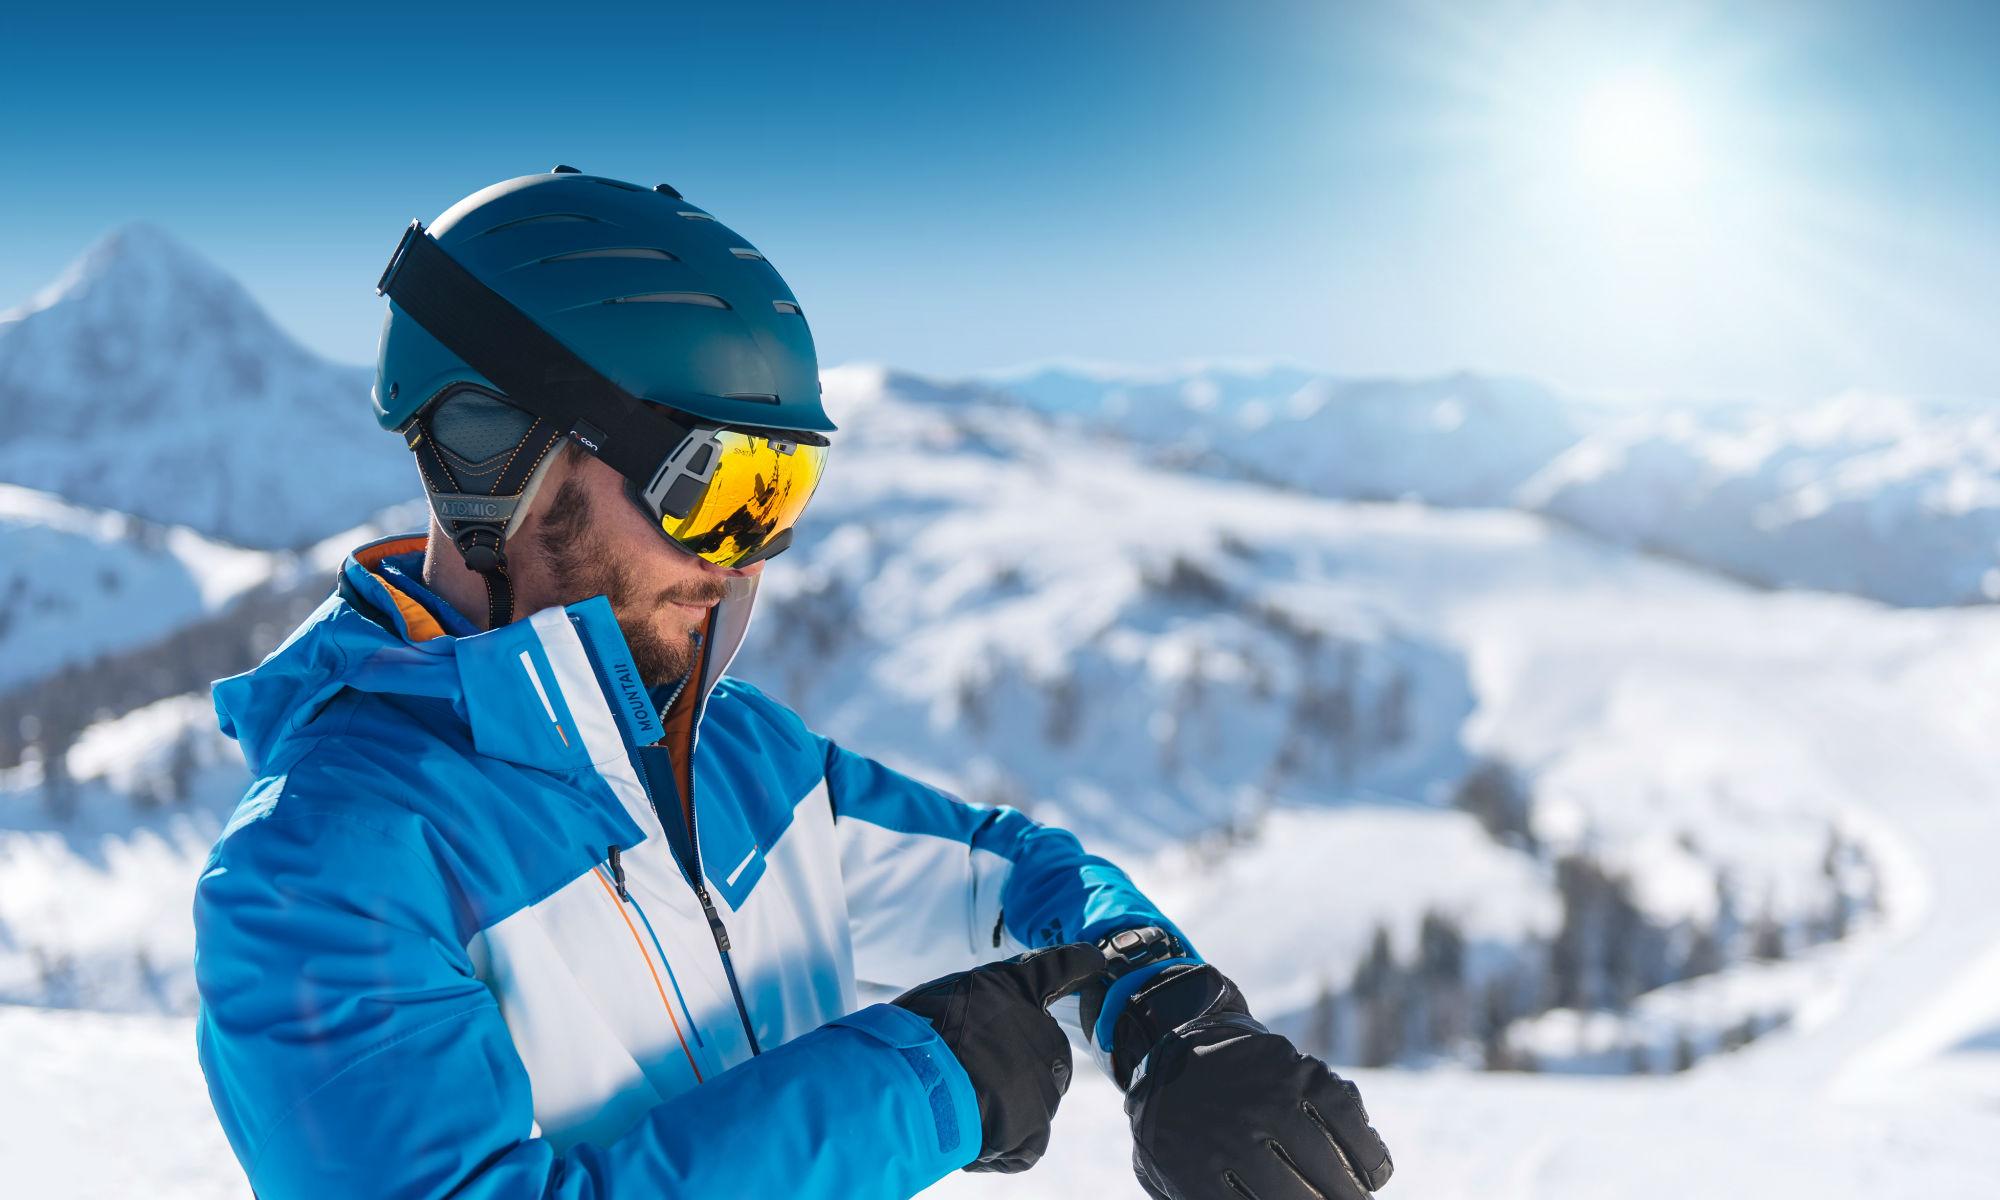 Skifahrer mit moderner Datenbrille und Smartwatch auf der Piste.